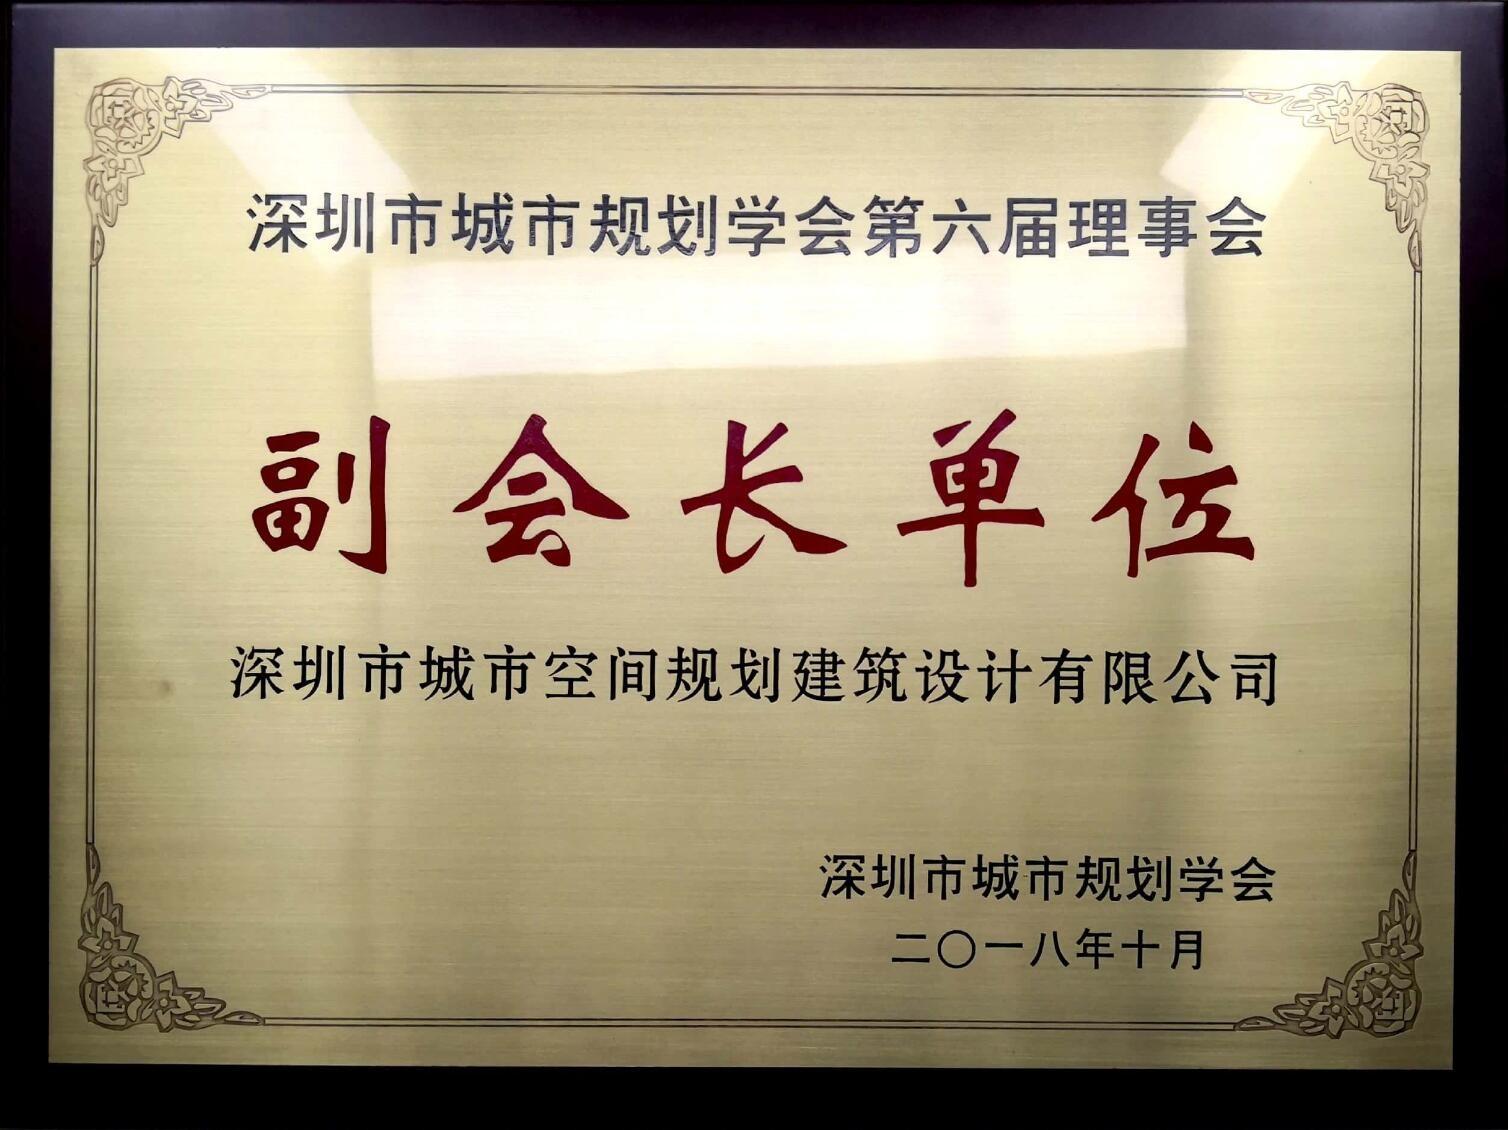 深圳市规划学会副会长单位